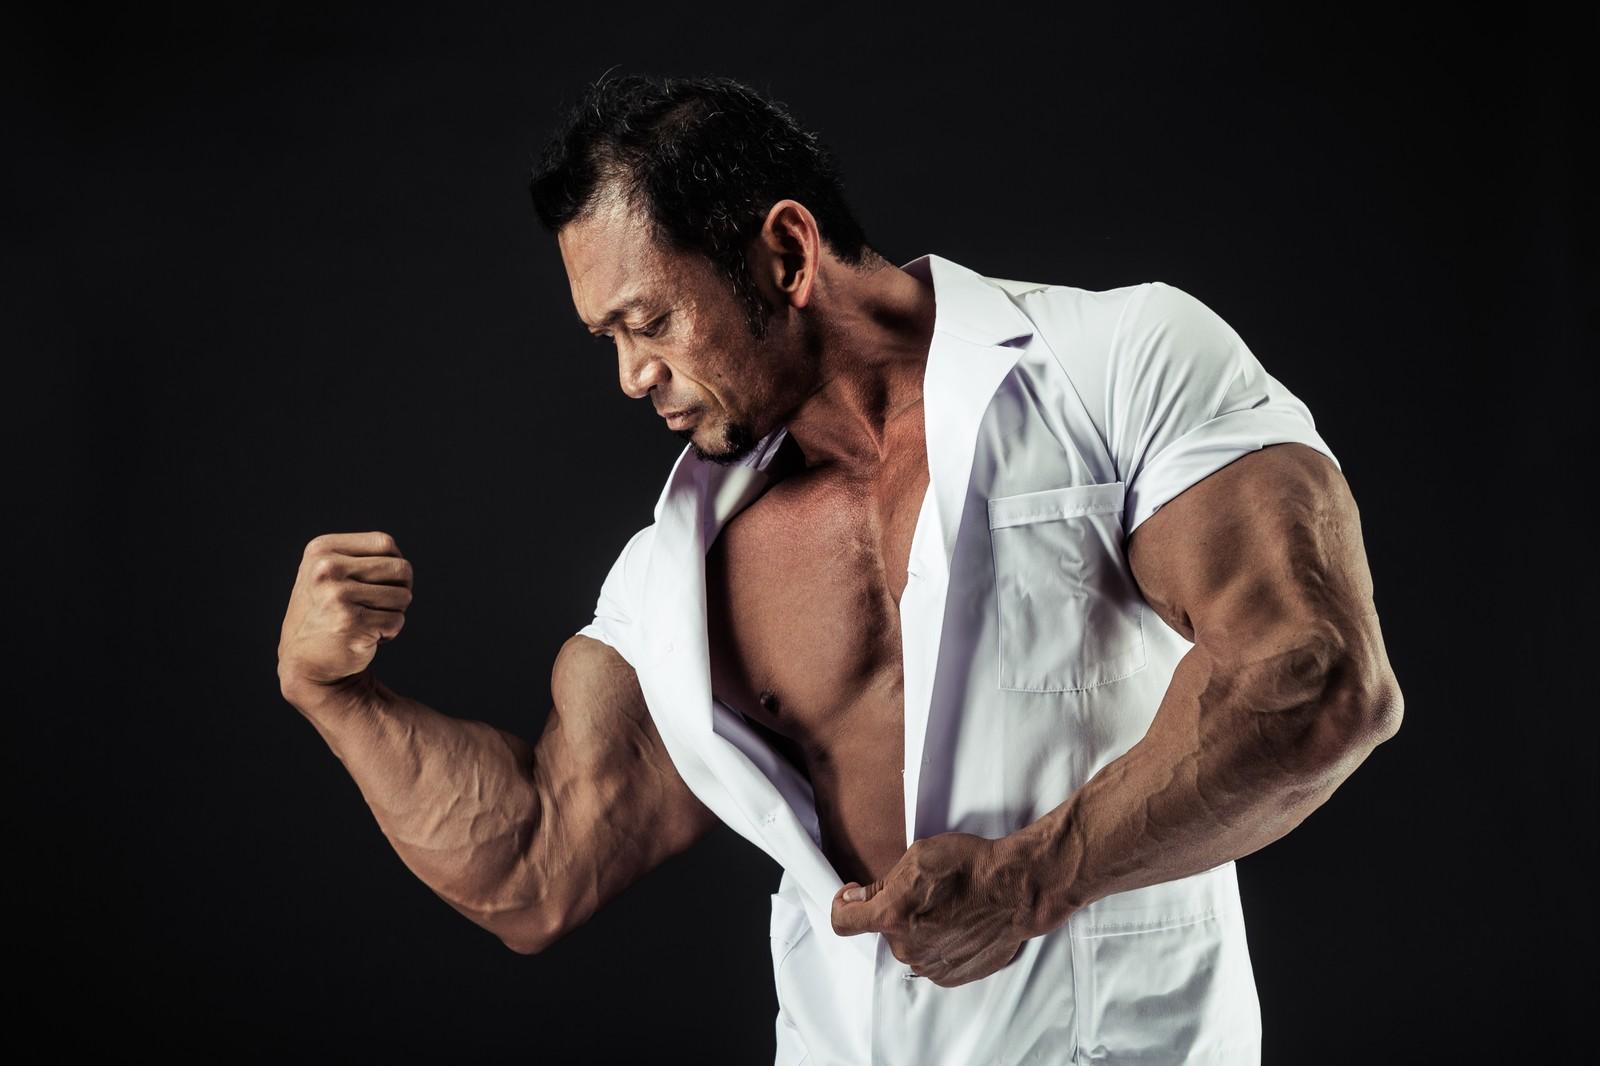 太りたいガリガリ男子が効率良く健康的に太る方法【筋トレを始める前に抑えるべき3つのポイント】